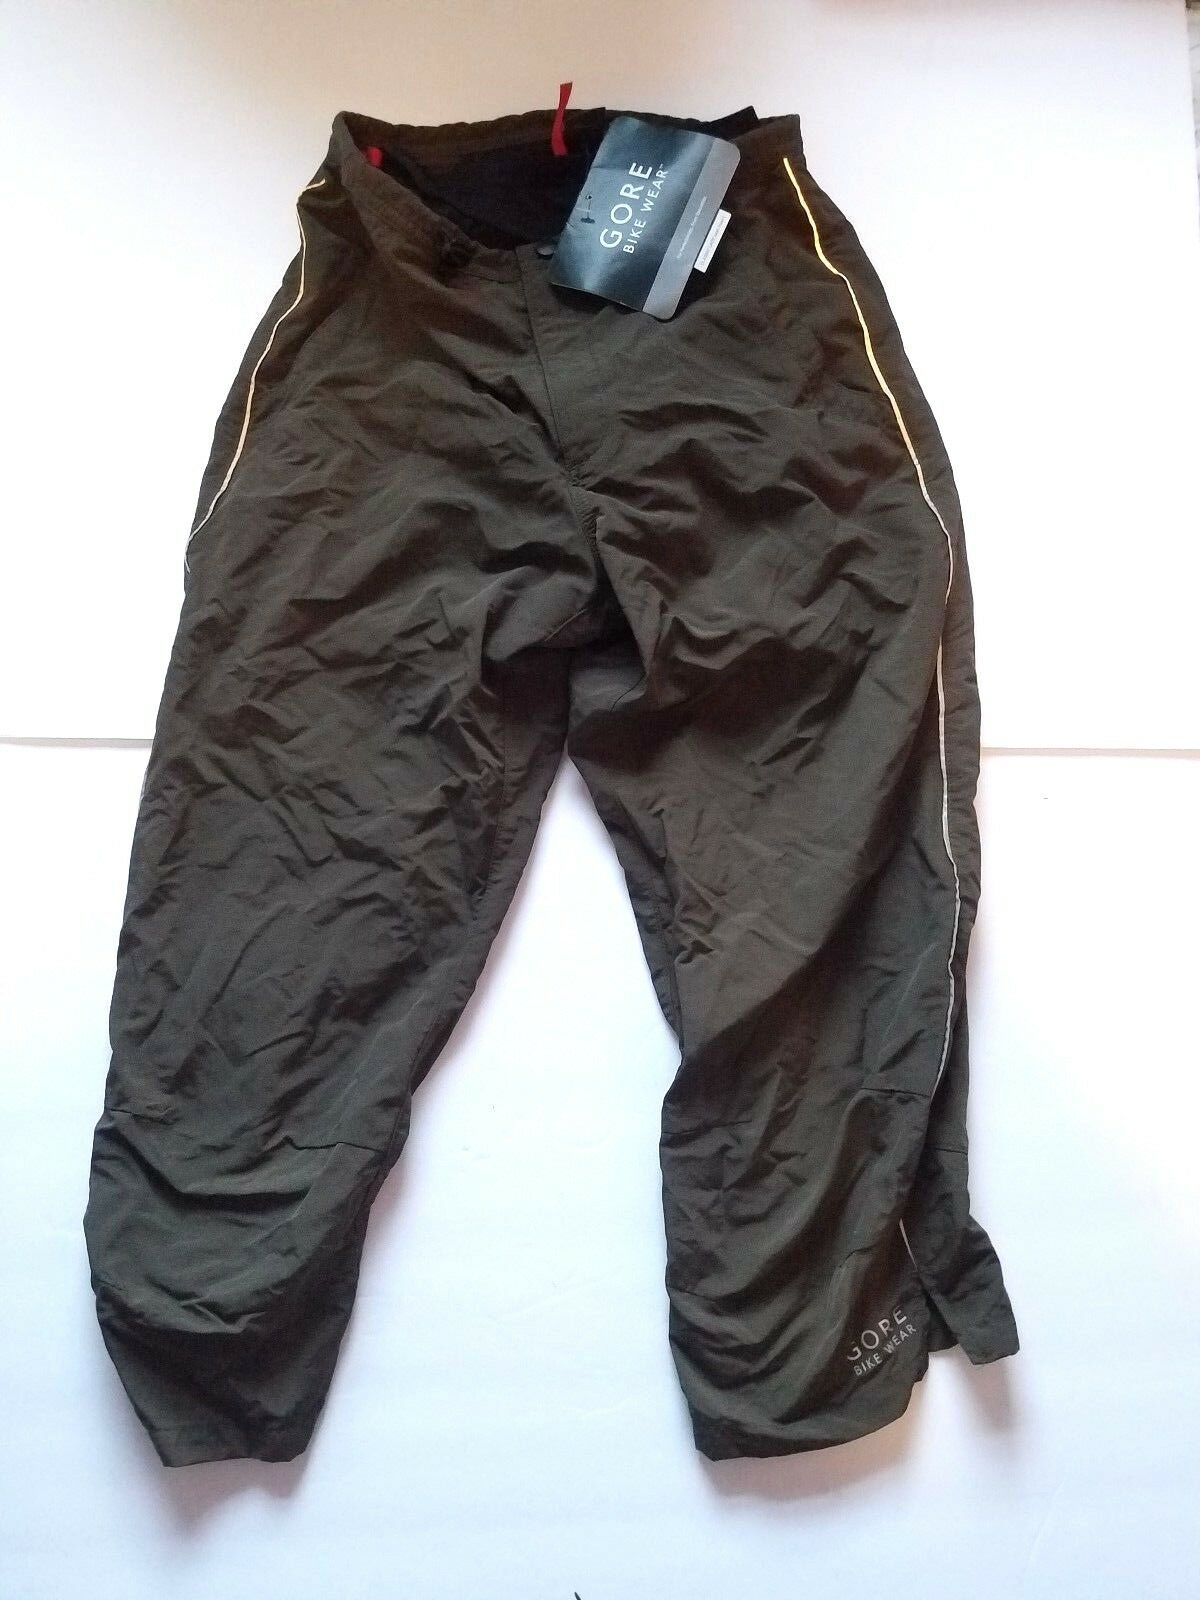 NEW Gore Bike Wear Women's Countdown Lady Cycling Pants 3 4 Olive Size XS Capri